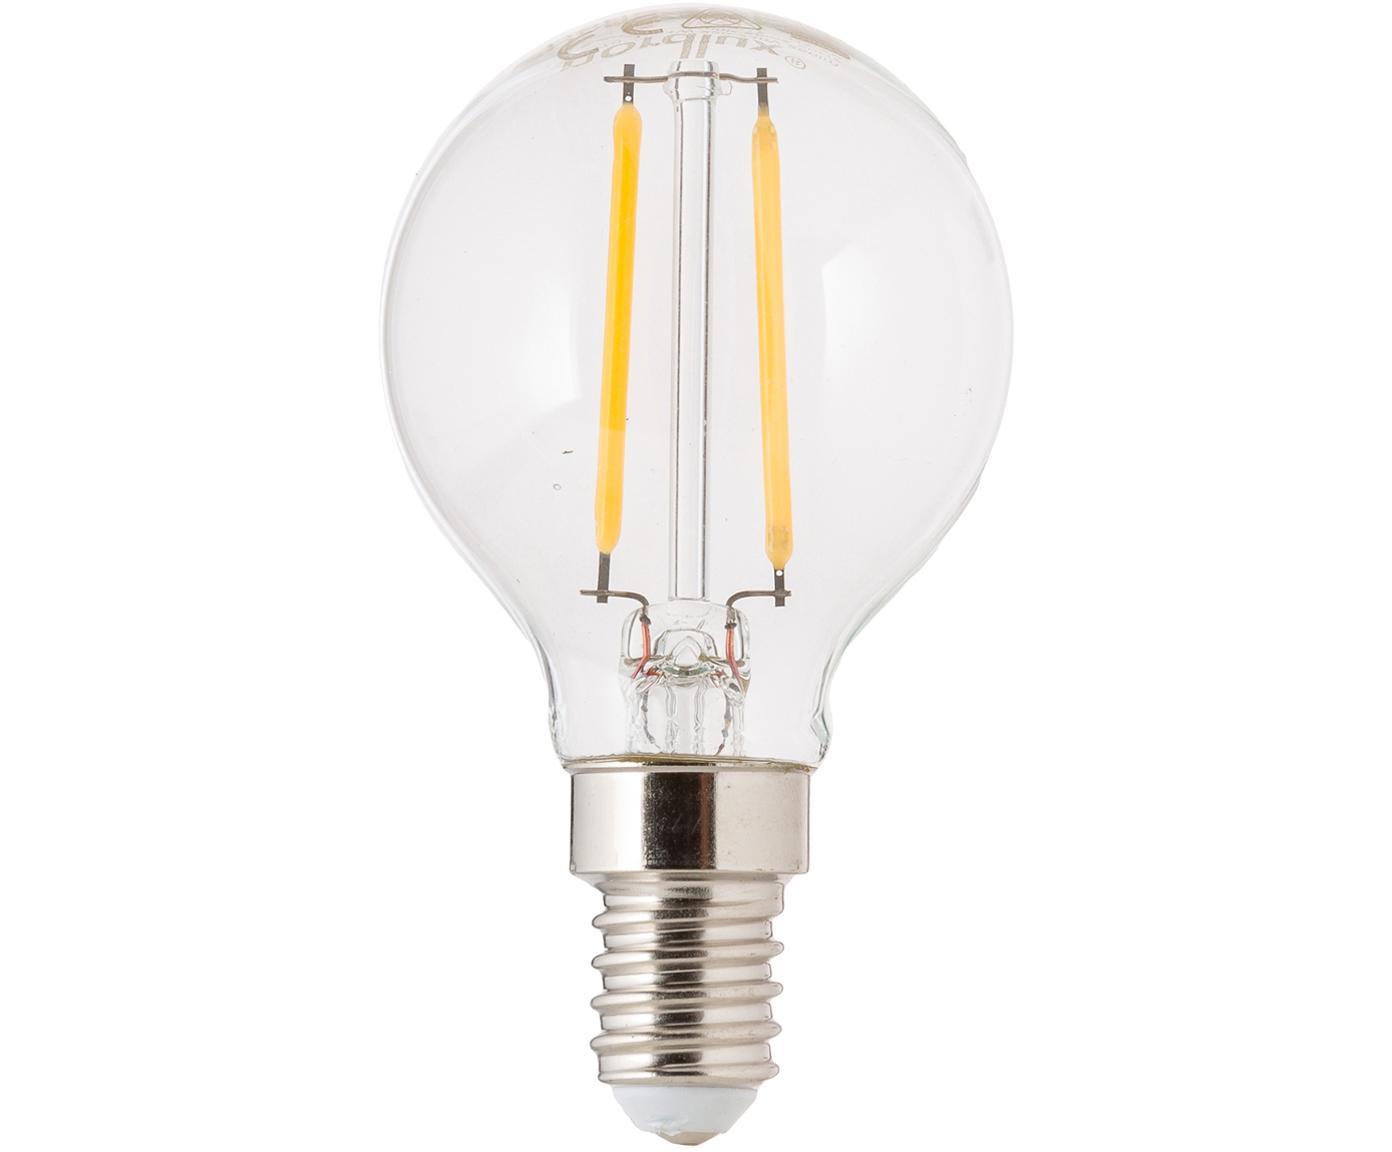 Bombillas LED Yekon (E14/2,5W),5uds., Ampolla: vidrio, Casquillo: aluminio, Transparente, Ø 5 x Al 8 cm